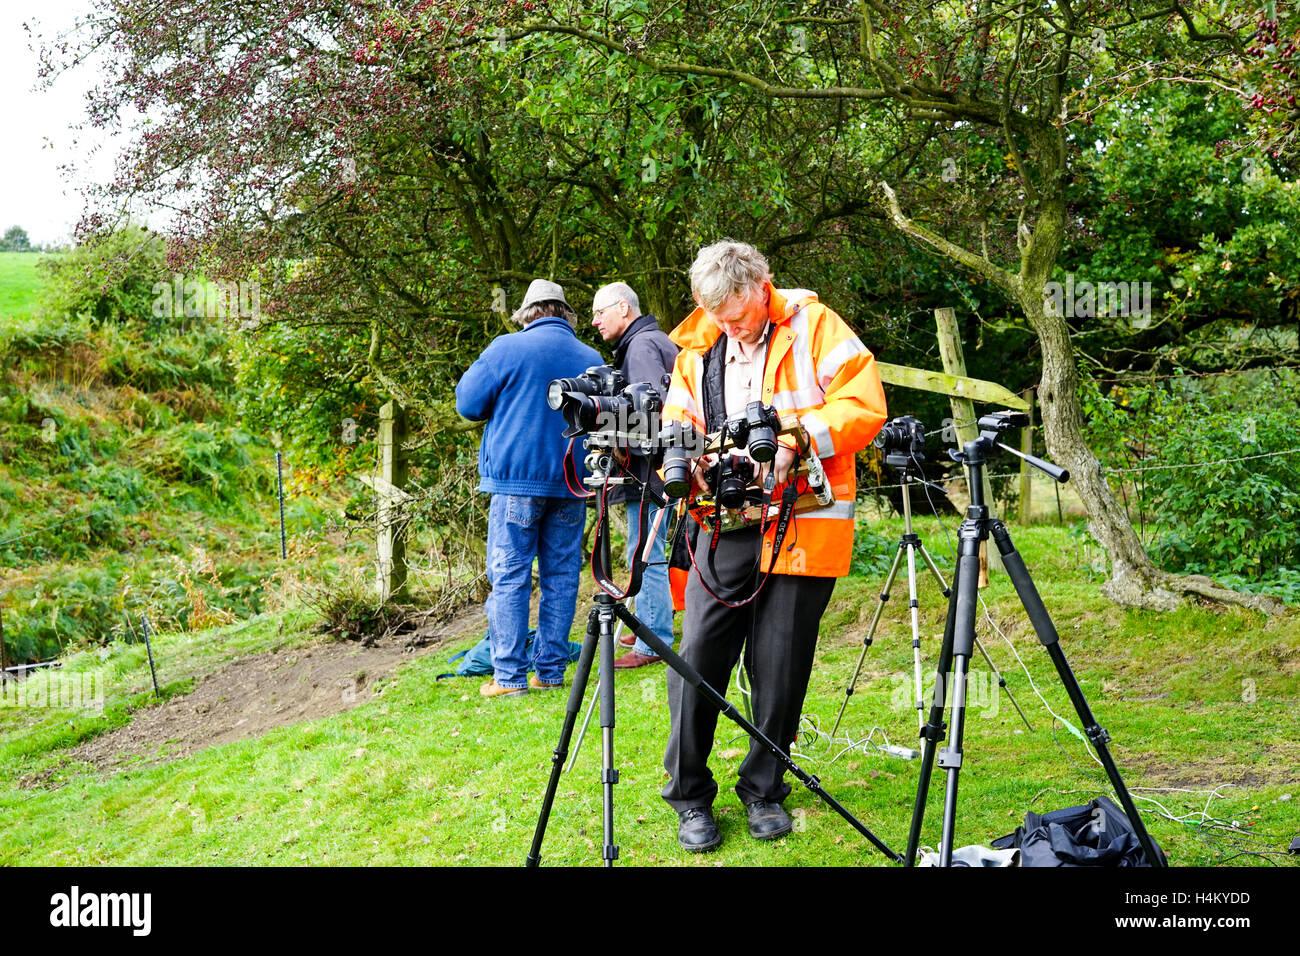 Steam engine enthusiast with a few camera set up, Bury, Lancashire, England, UK. - Stock Image